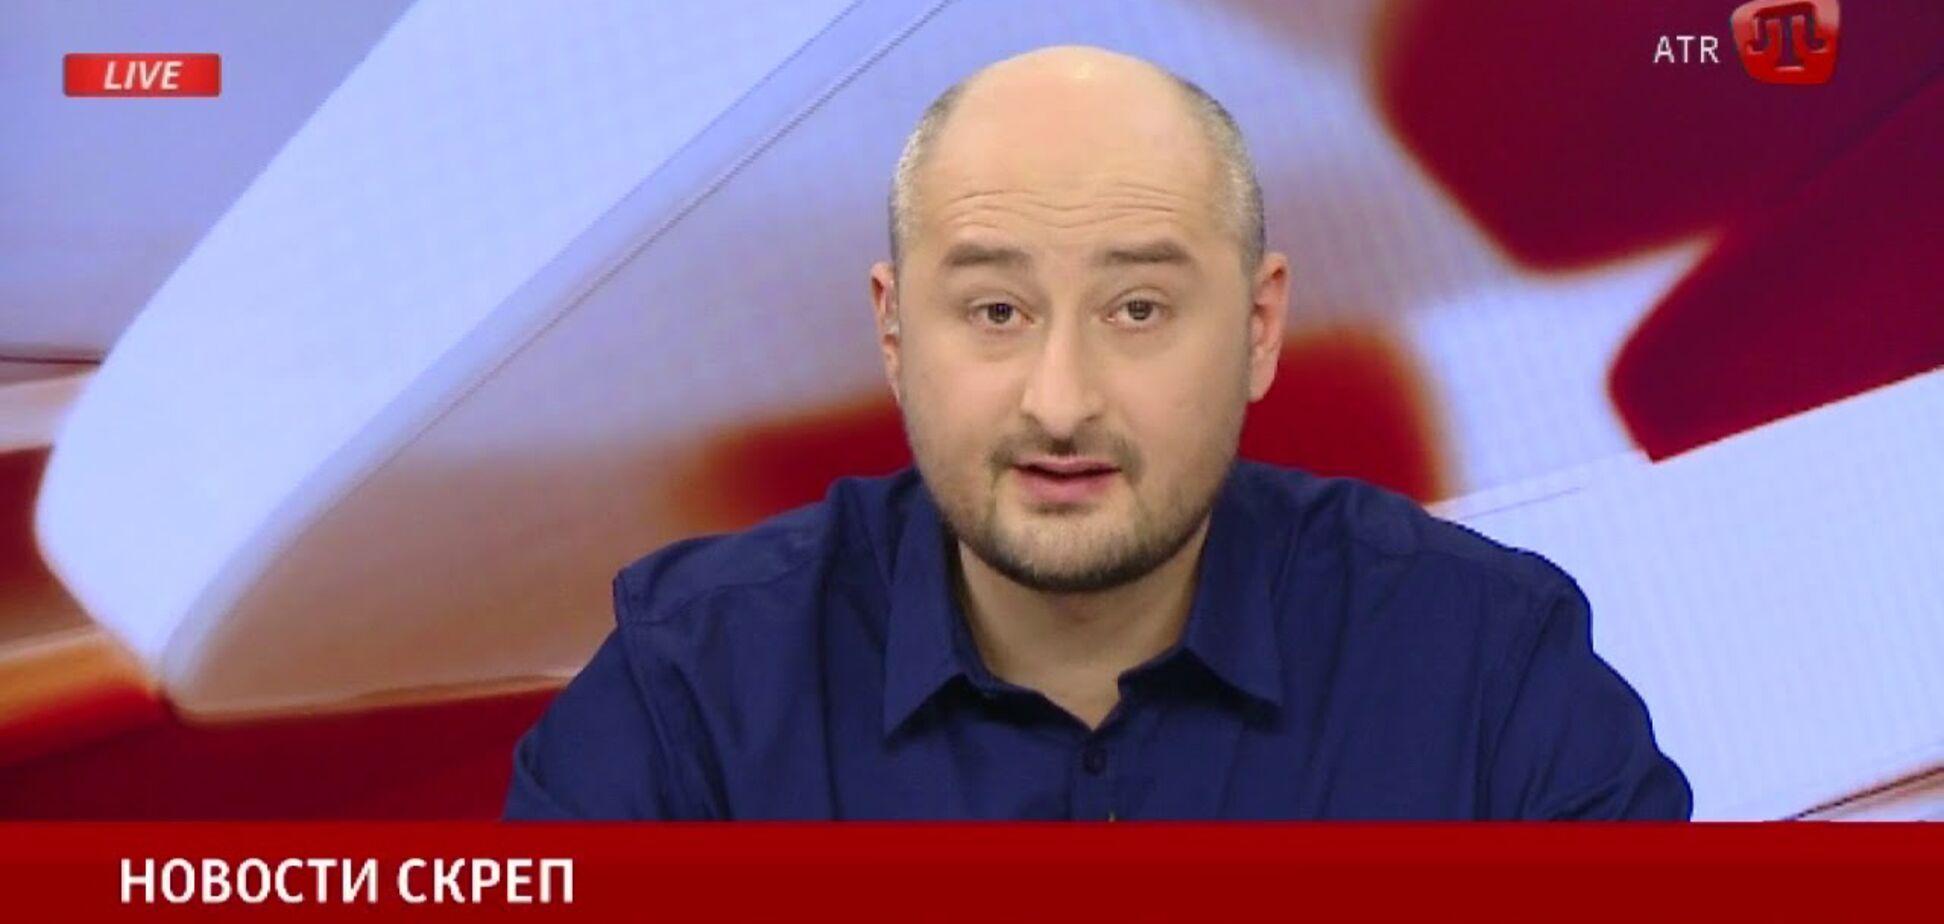 Не дочекаєтесь: журналісти ATR бурхливо відсвяткували 'воскресіння' Бабченко